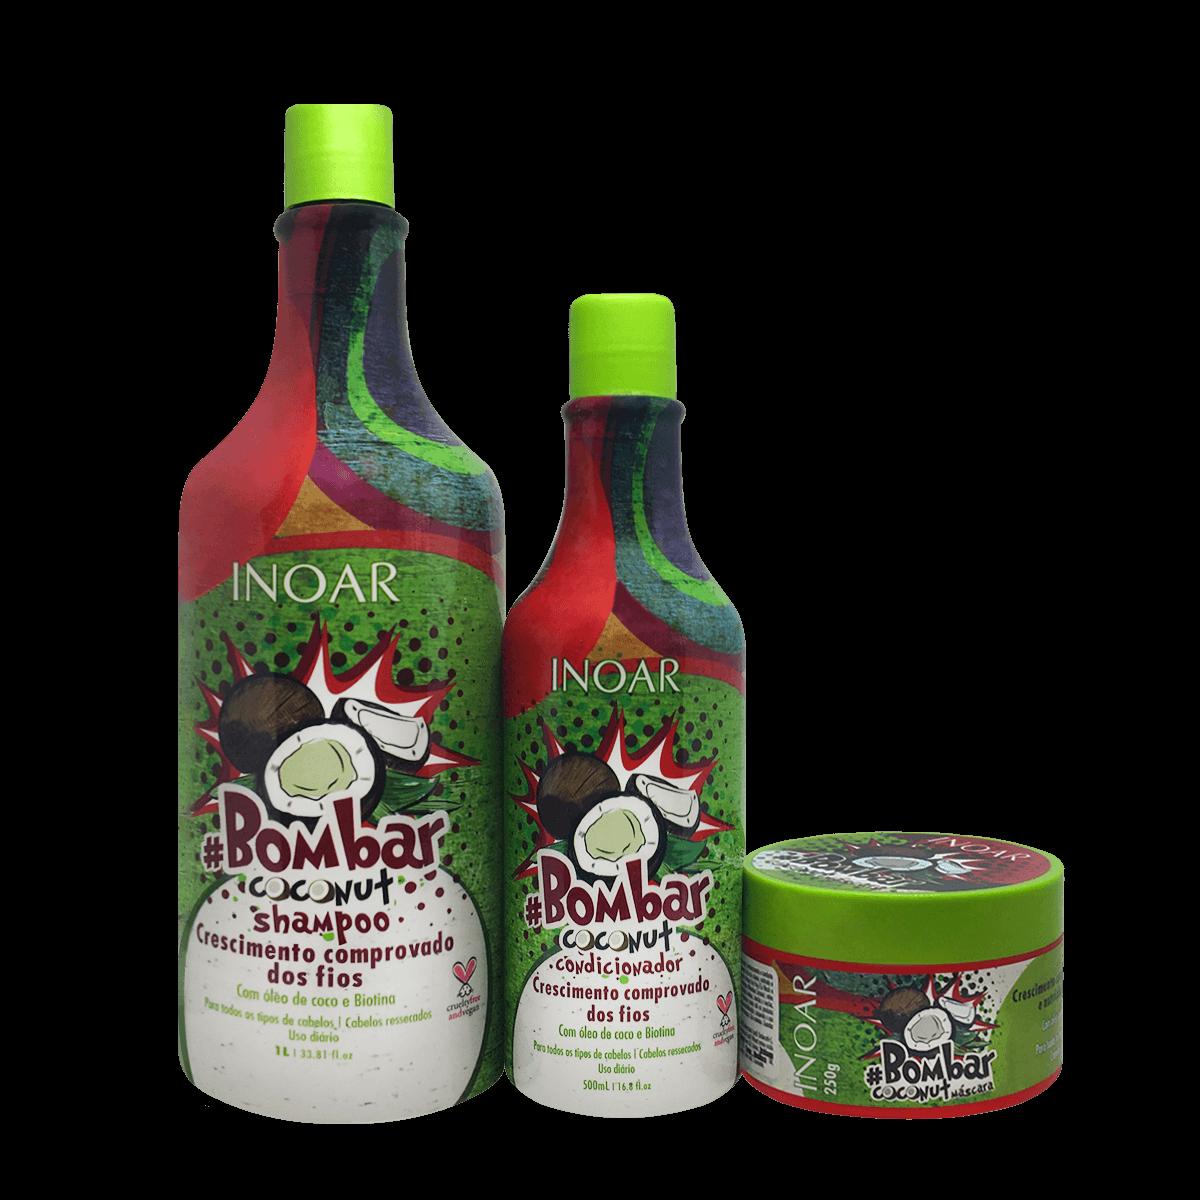 Inoar Kit Bombar Coconut - Shampoo, Condicionador e Mascara